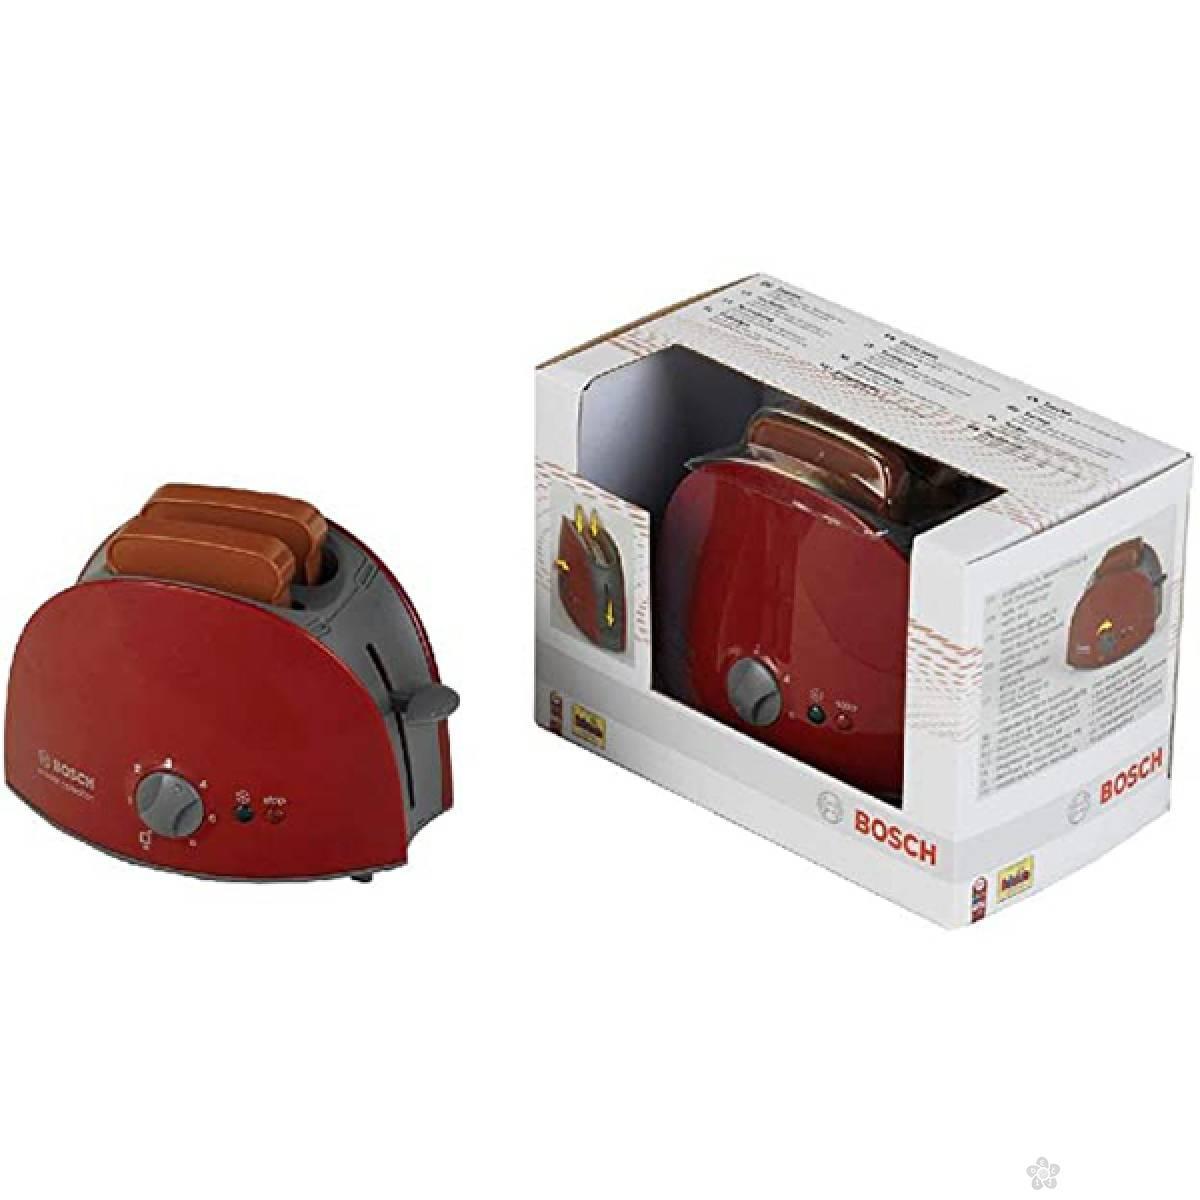 Bosch toster Klein KL9578